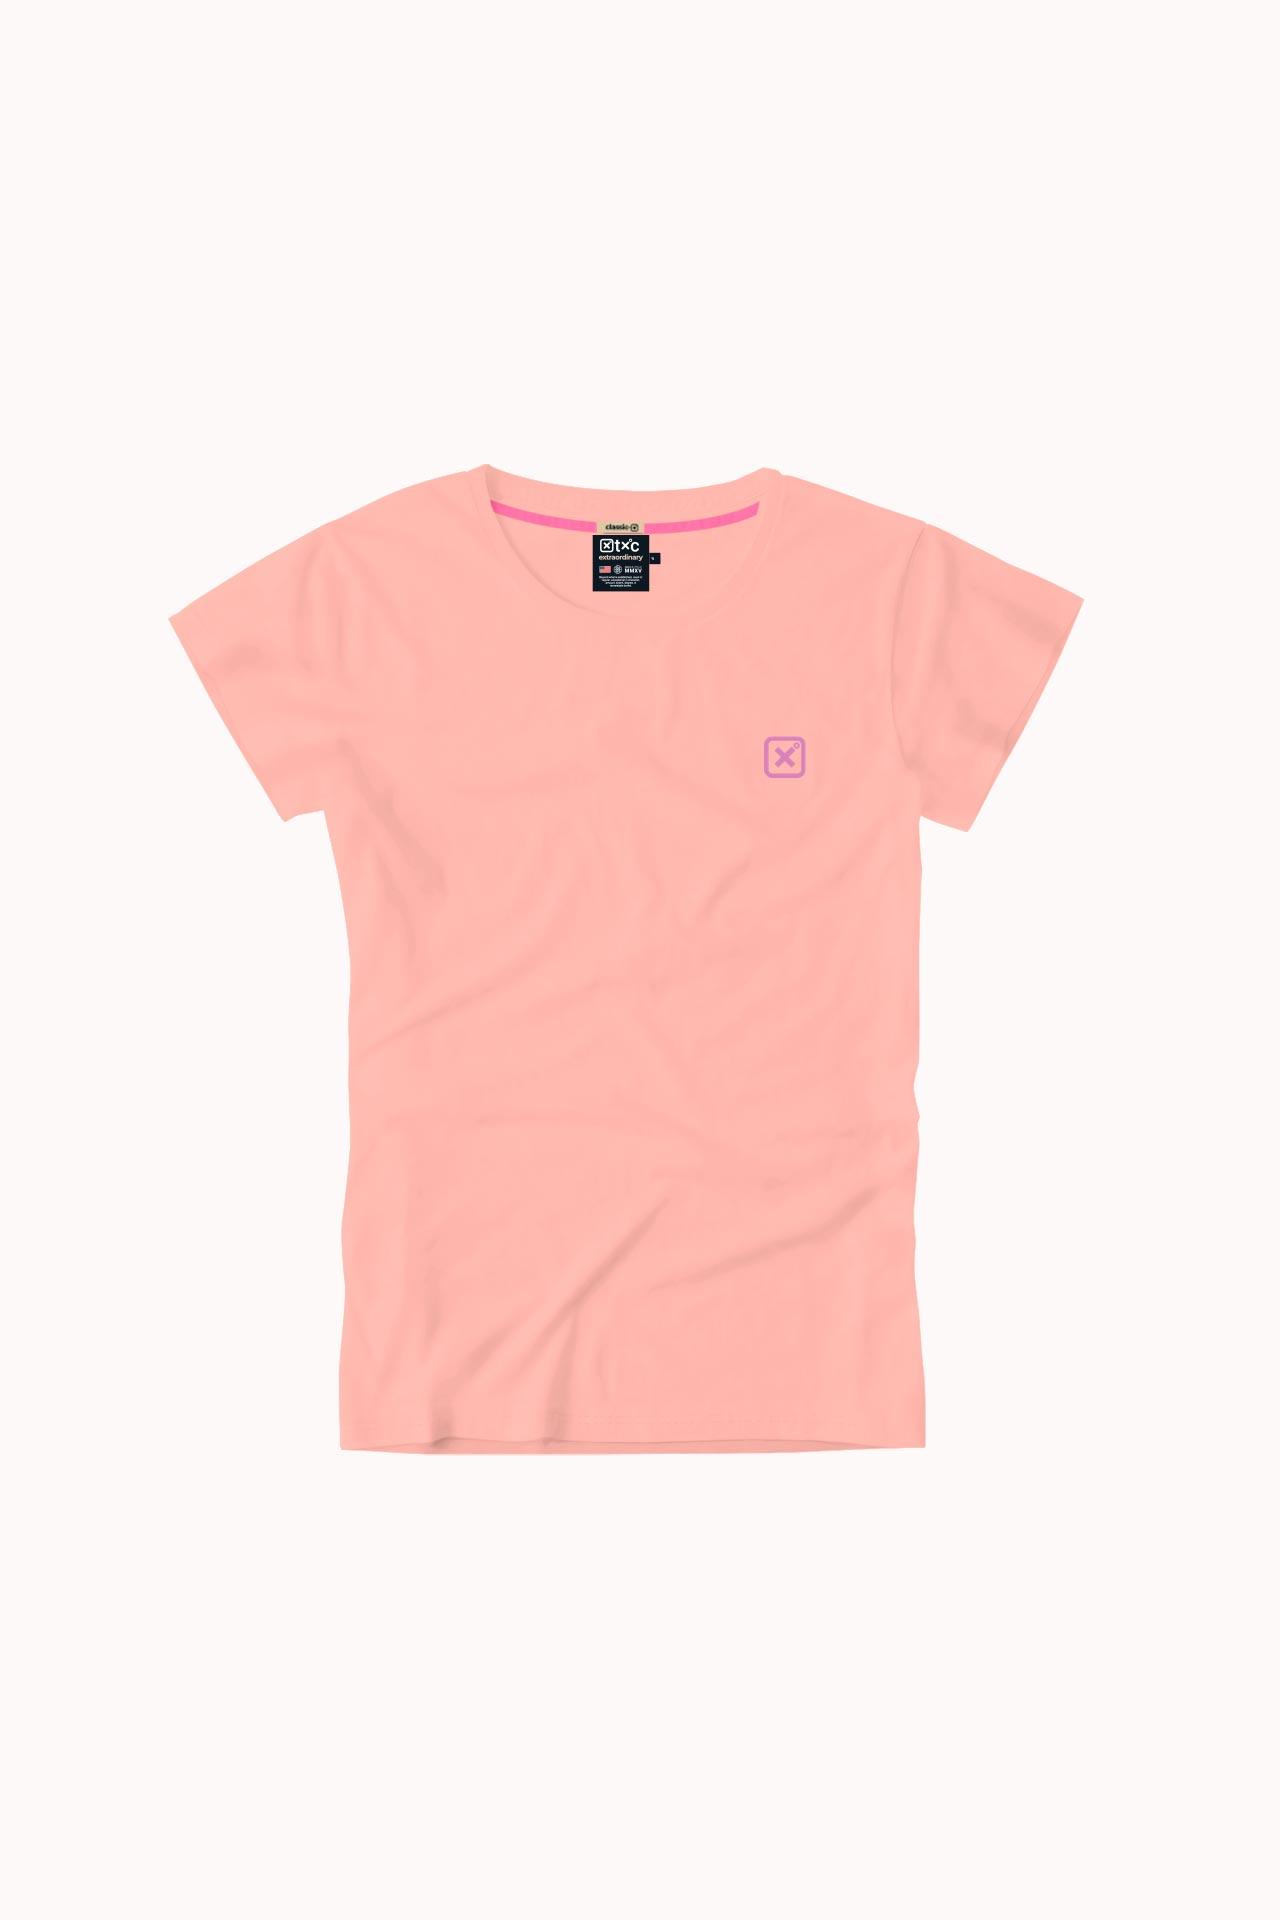 Camiseta Feminina TXC 4836